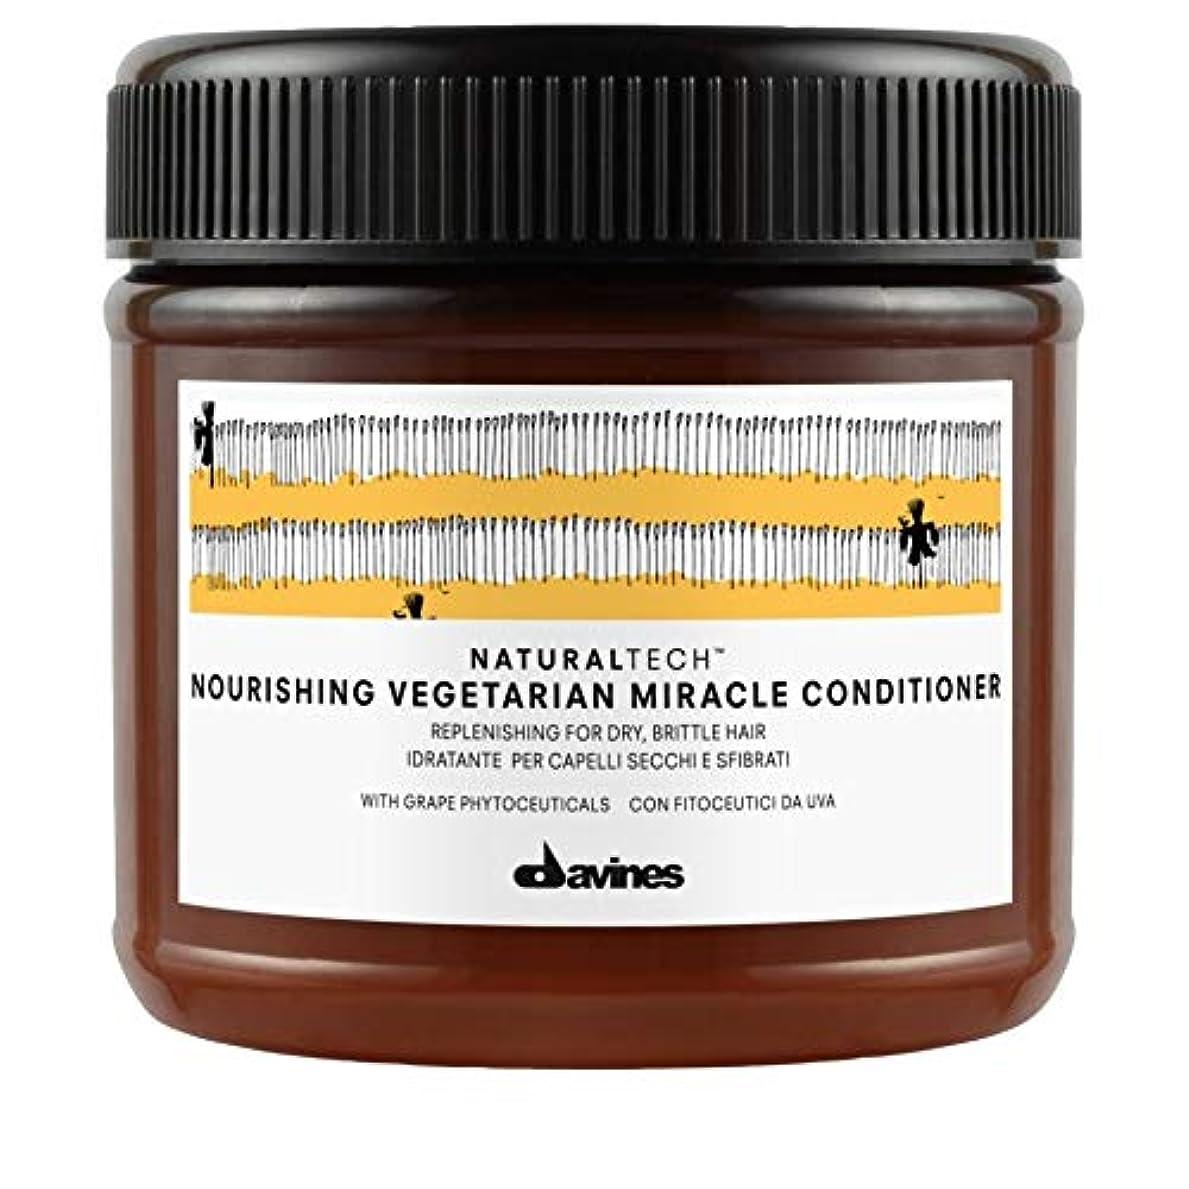 透ける幻滅する喉が渇いた[Davines ] ダヴィネス栄養ベジタリアン奇跡のコンディショナー250Ml - Davines Nourishing Vegetarian Miracle Conditioner 250ml [並行輸入品]